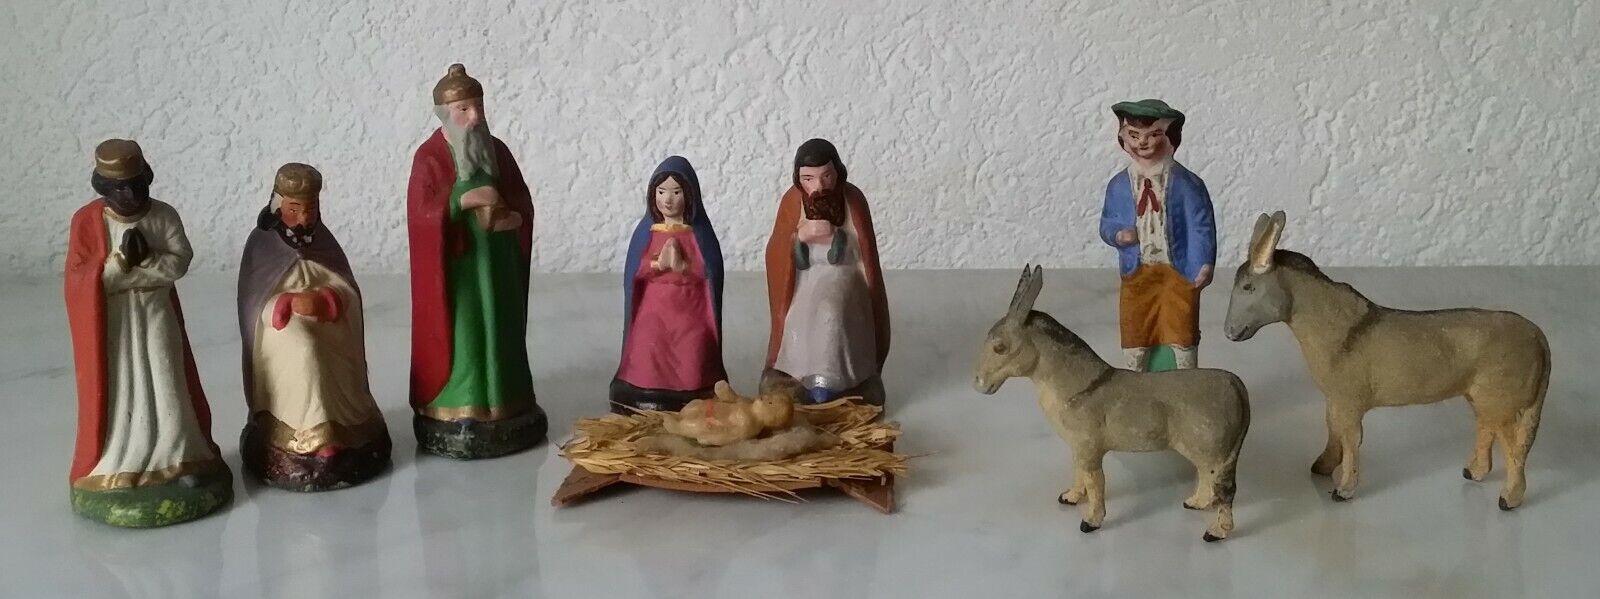 Ältere Krippefiguren Weihnachtskrippe Maria Josef Jesus Schäfer 3 heilige Könige